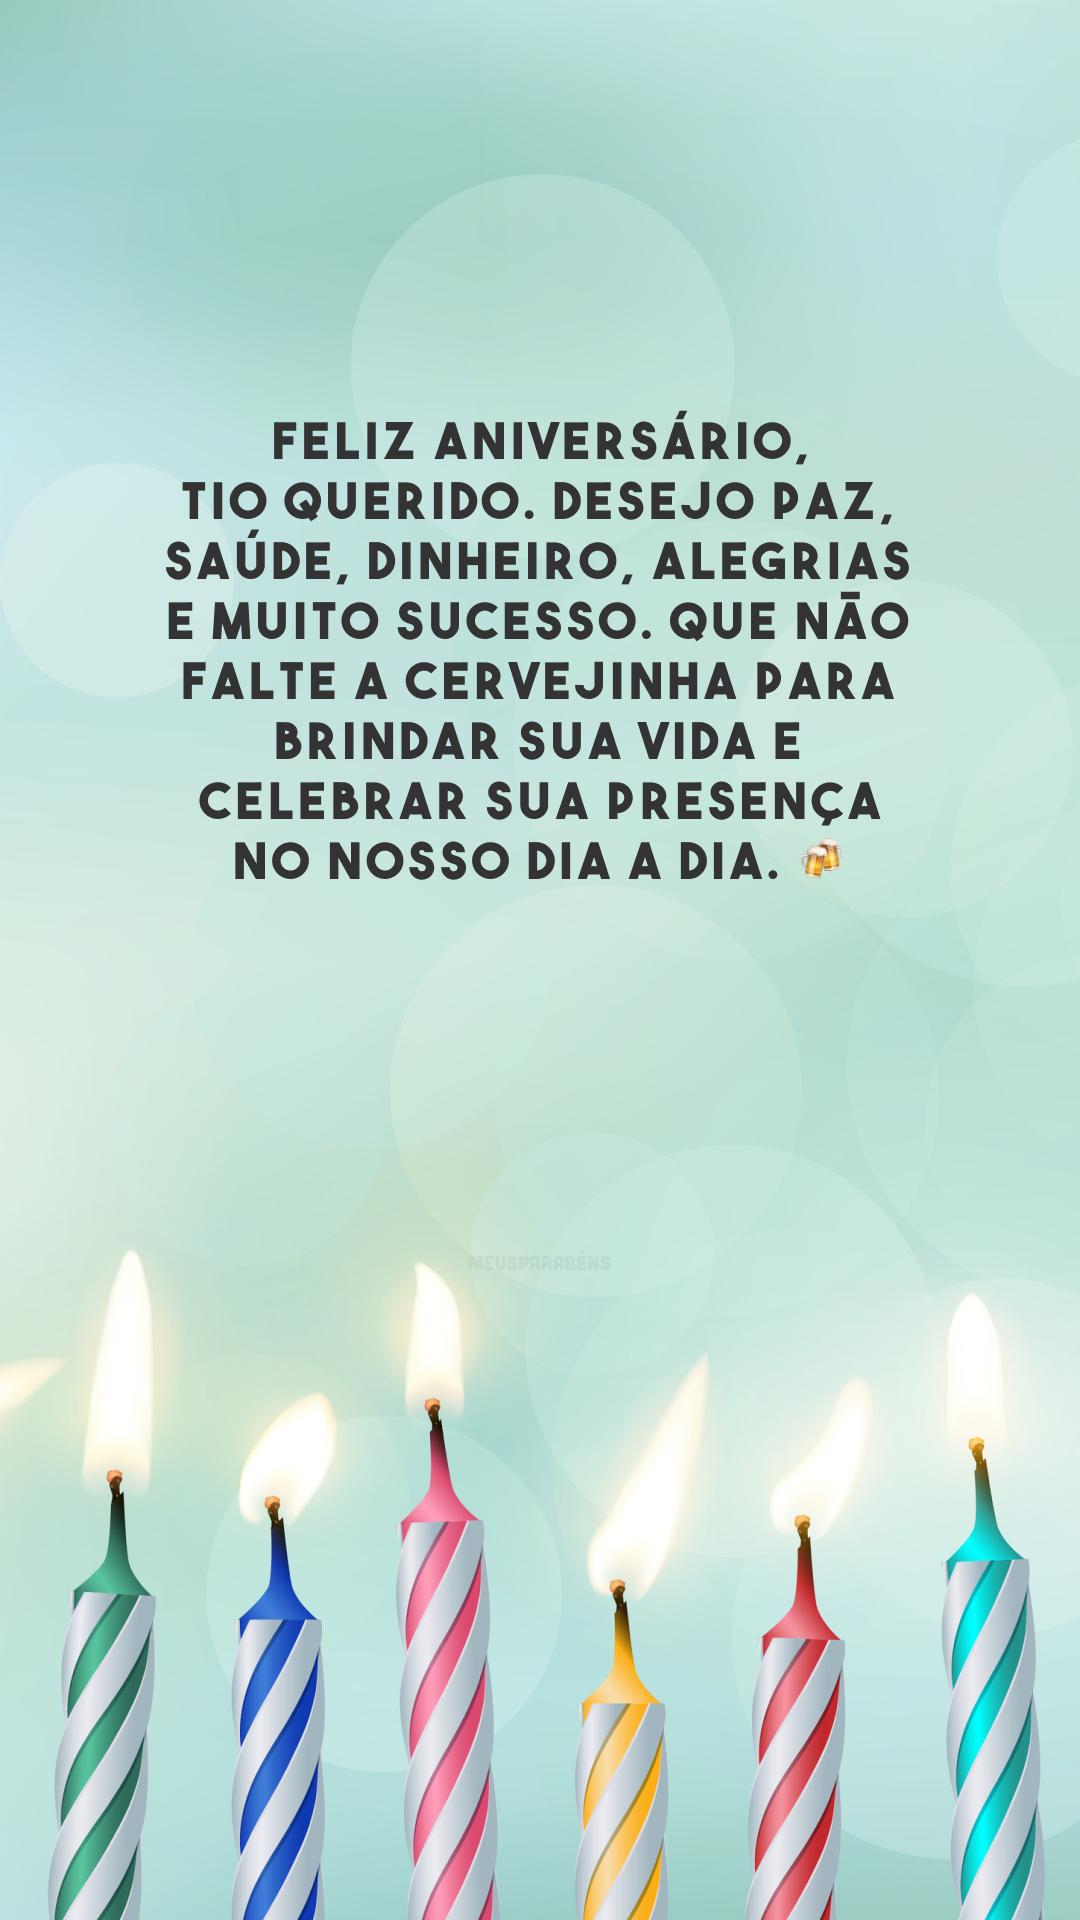 Feliz aniversário, tio querido. Desejo paz, saúde, dinheiro, alegrias e muito sucesso. Que não falte a cervejinha para brindar sua vida e celebrar sua presença no nosso dia a dia. 🍻